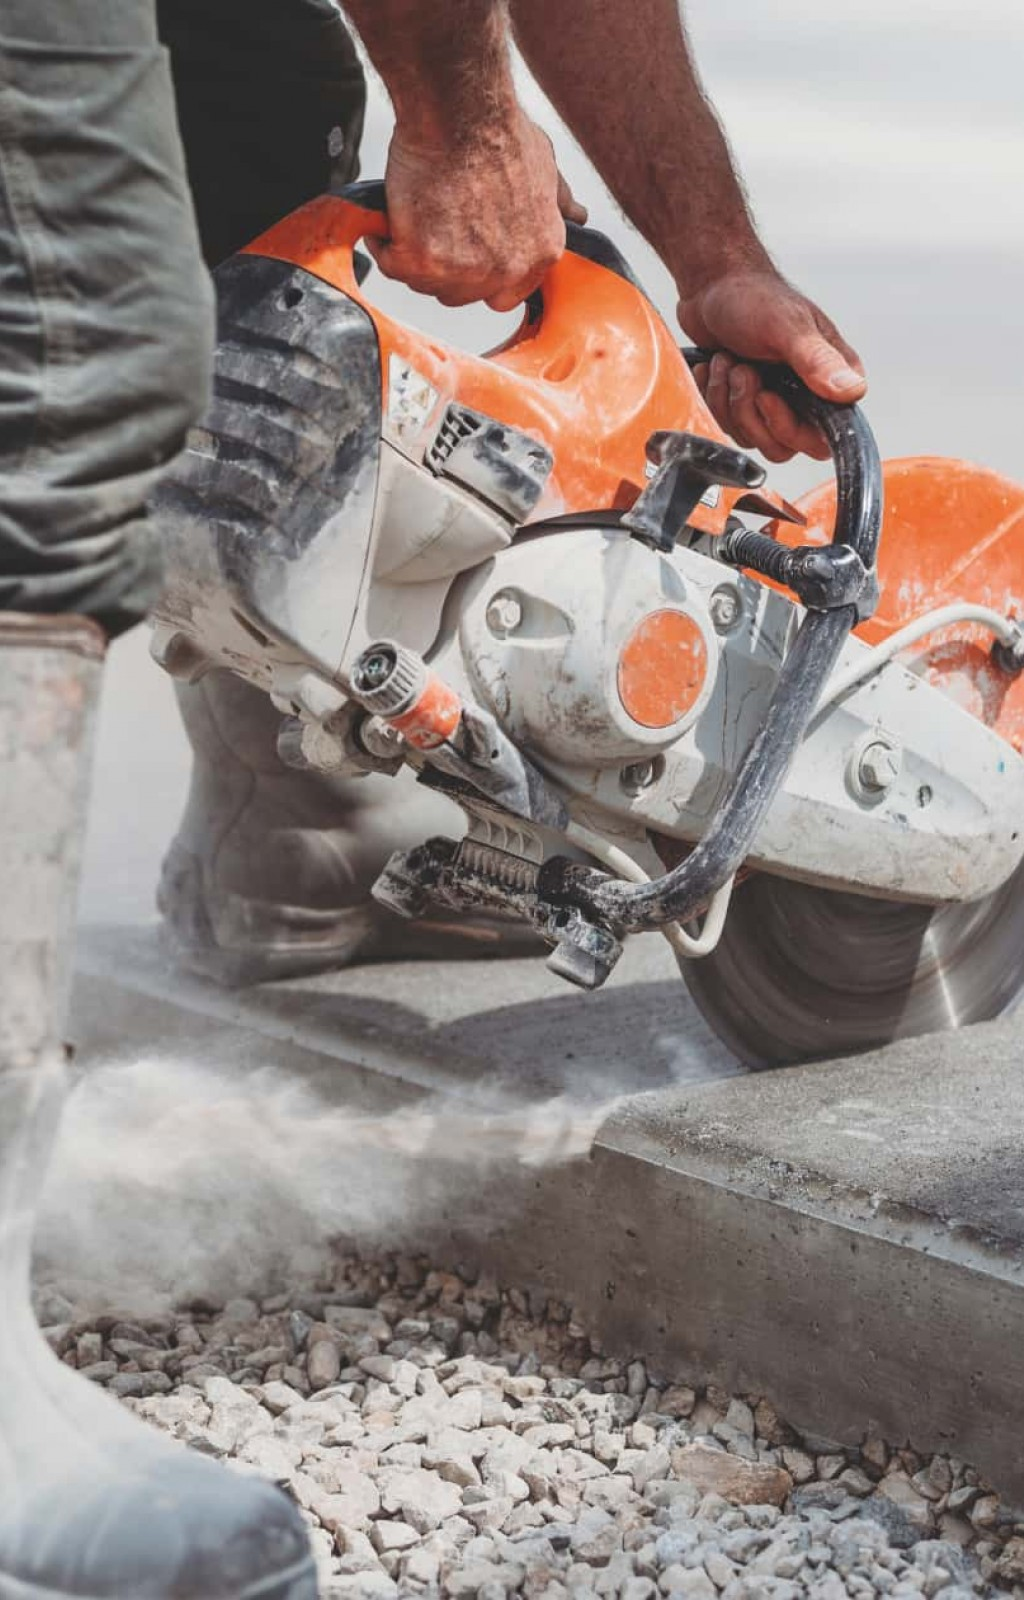 Ein Bauarbeiter benutzt eine Flex um Betonplatten zurecht zu schneiden